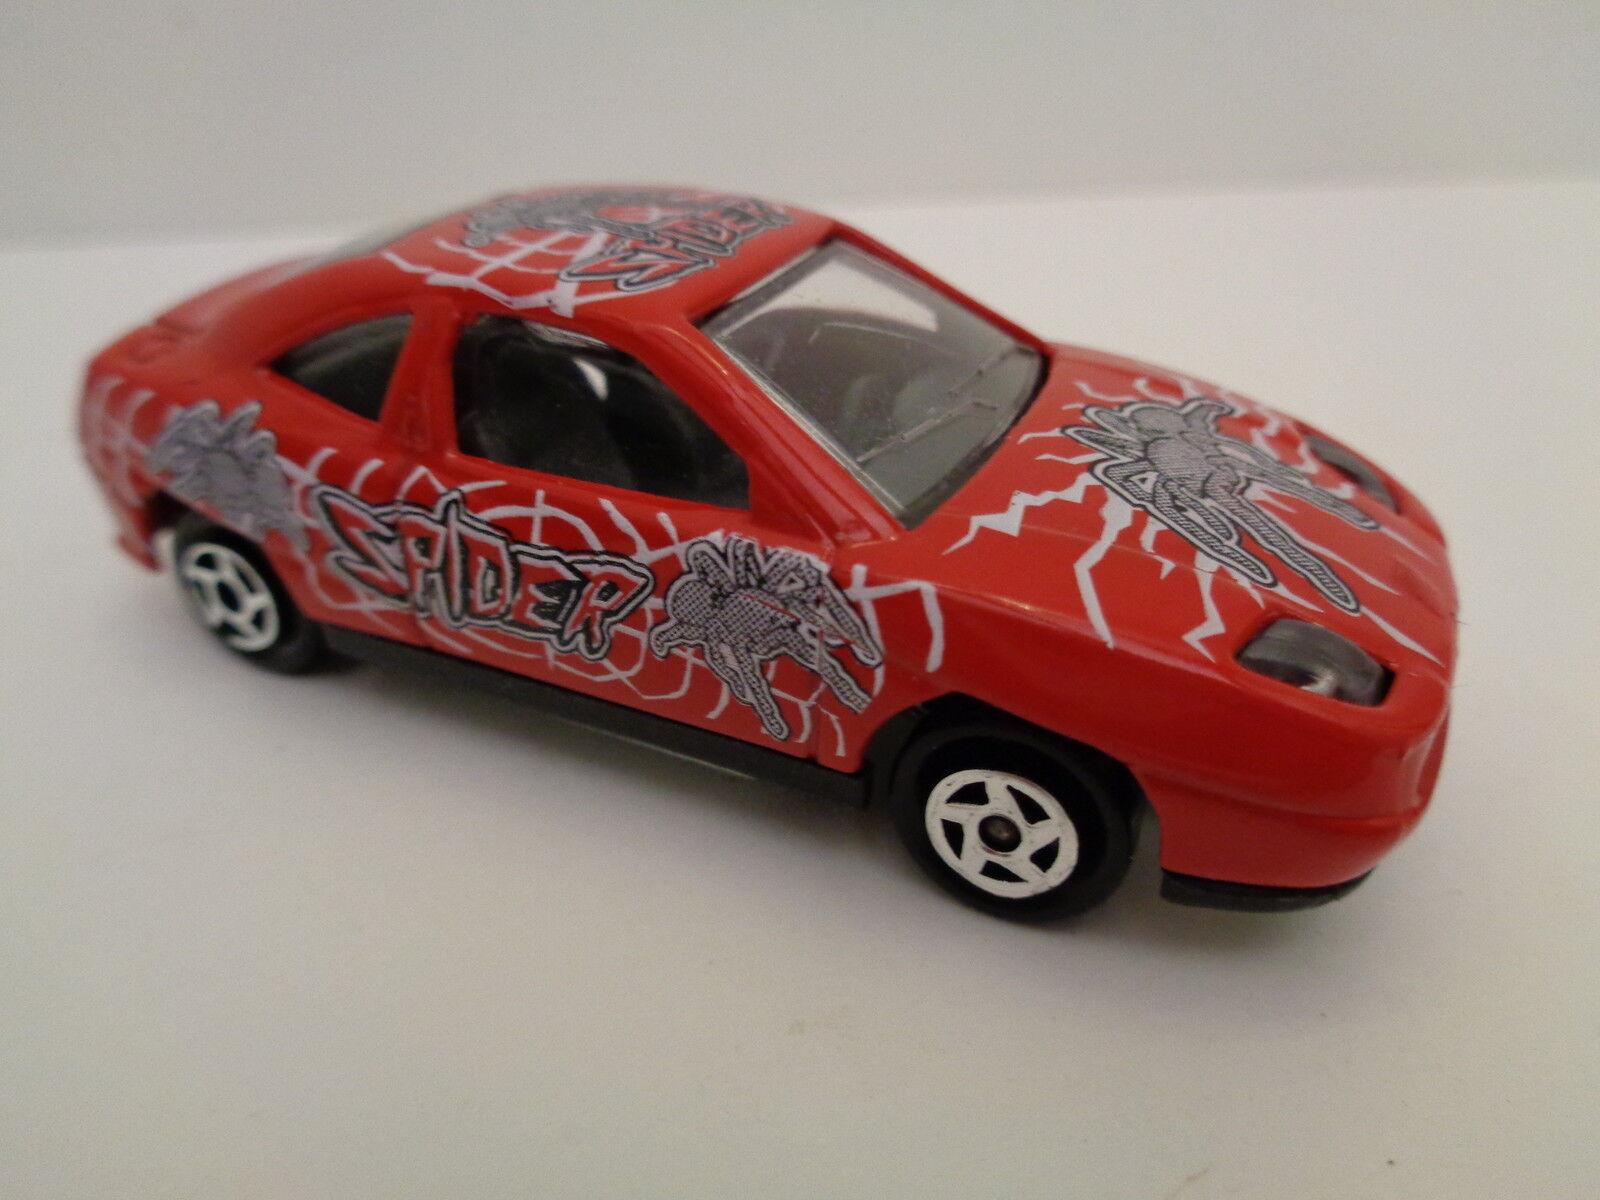 FIAT COUPE Spider 1 58 MAJORETTE S 200 Nº 201 02 1 58 80 il 90 ans il